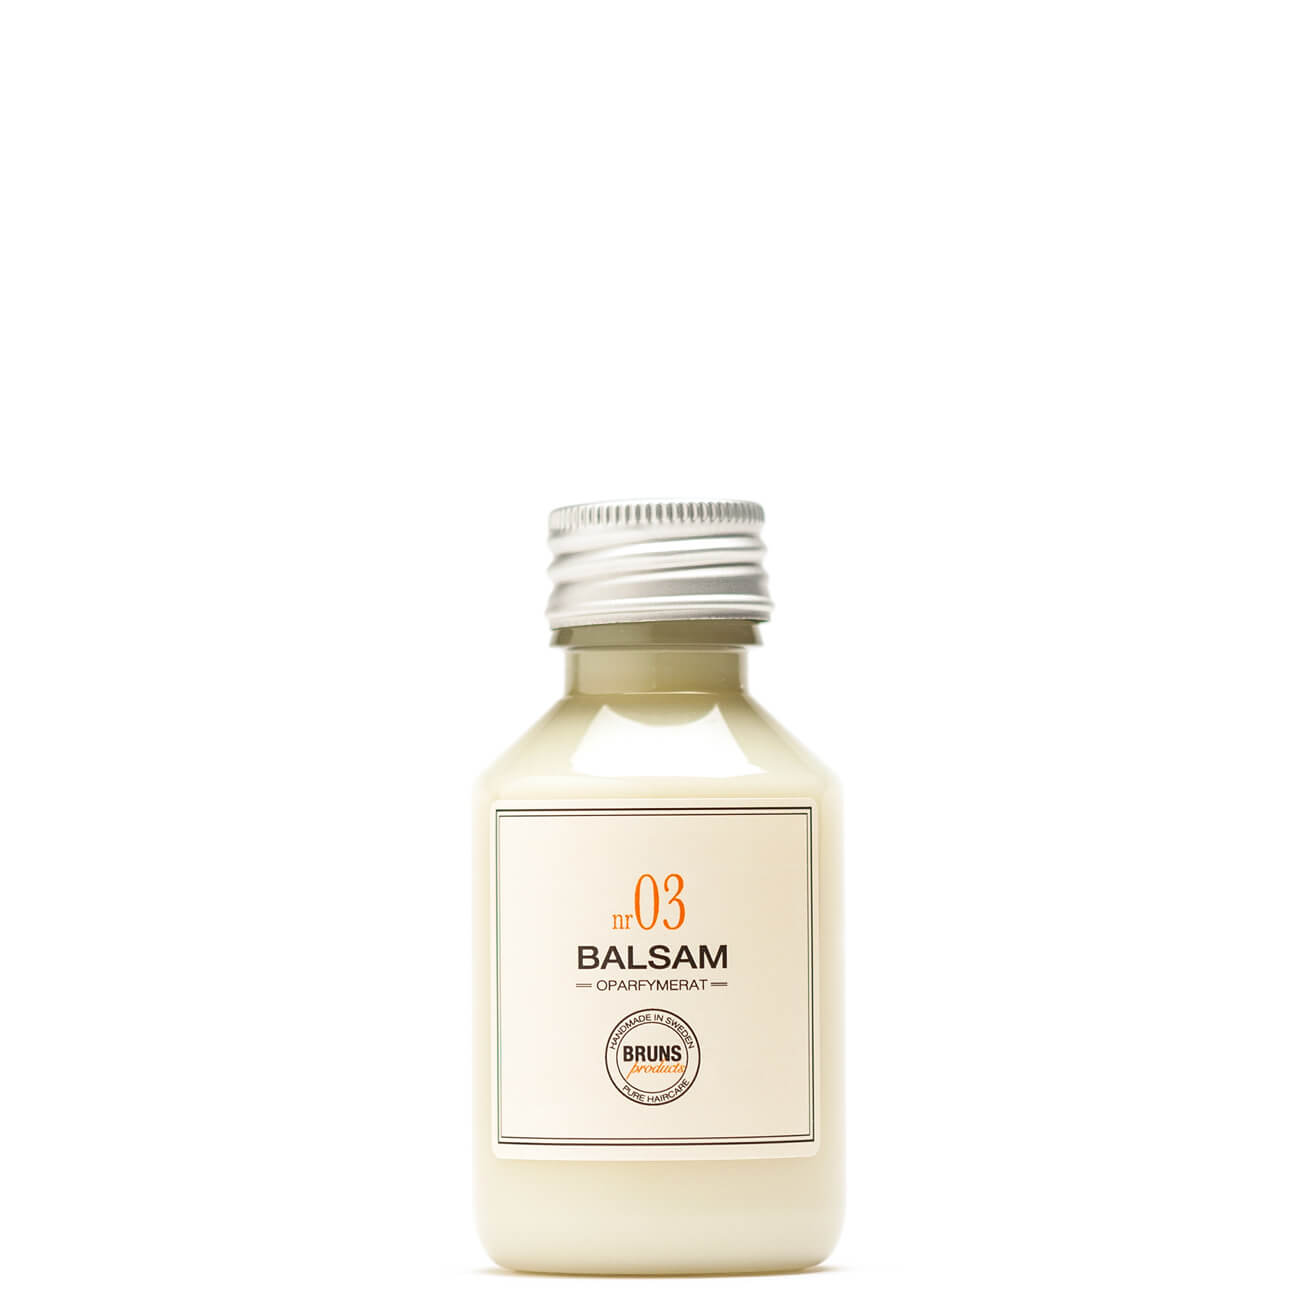 Bruns Products Balsam 03 Oparfymerat 100ml - För alla hårtyper